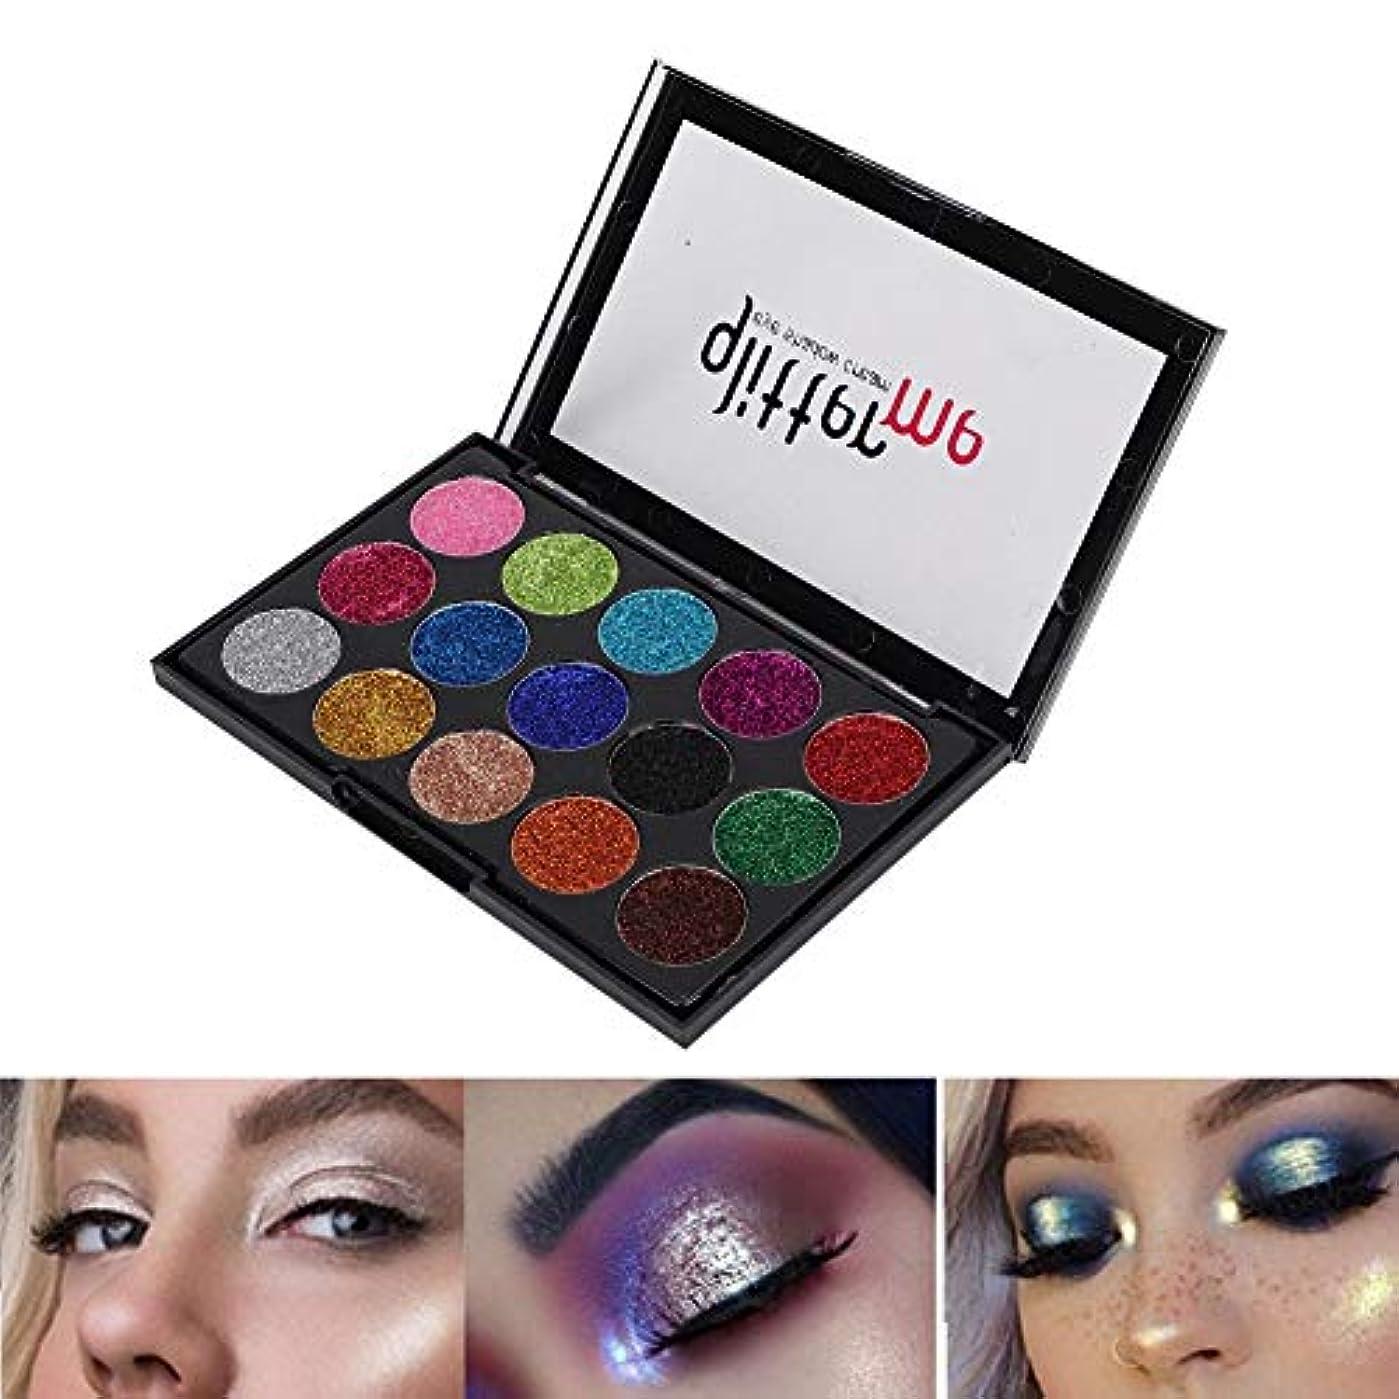 アイシャドウパレット アイシャドウパレット 15色 化粧マット グロス アイシャドウパウダー 化粧品ツール